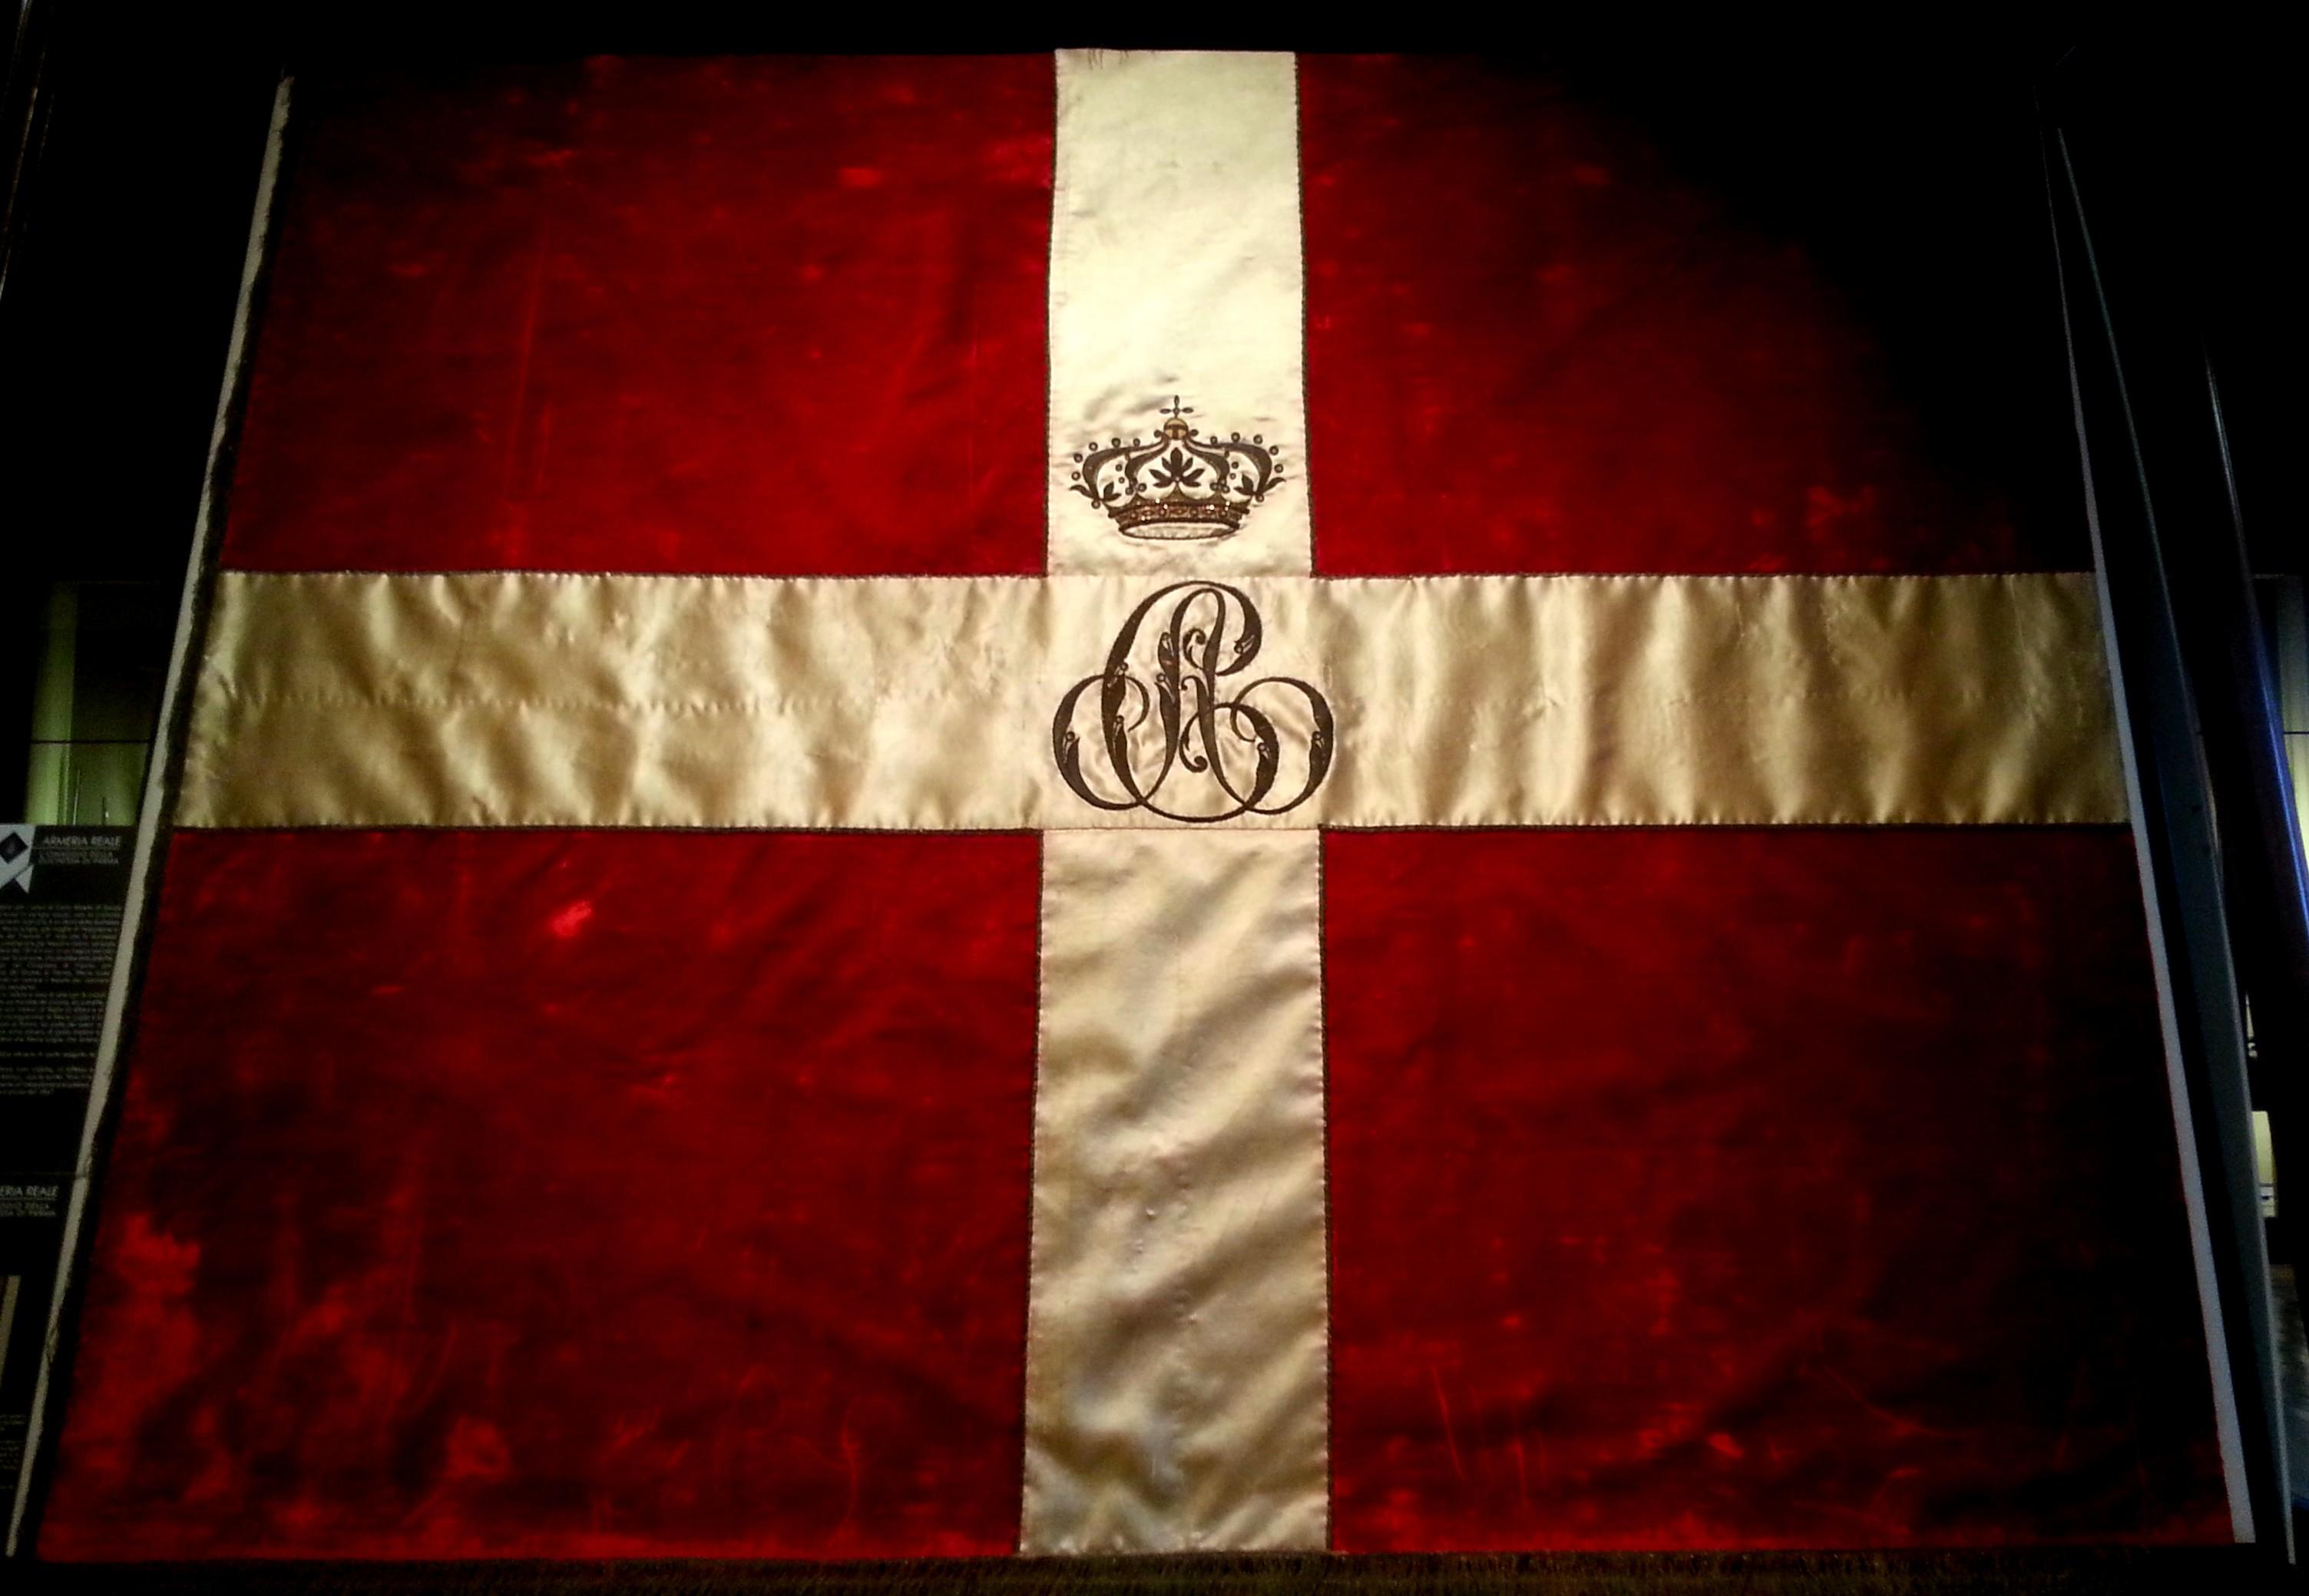 Bandiera degli Stati di Savoia con monogramma centrale di re Carlo Alberto (conservata presso l'Armeria Reale di Torino)